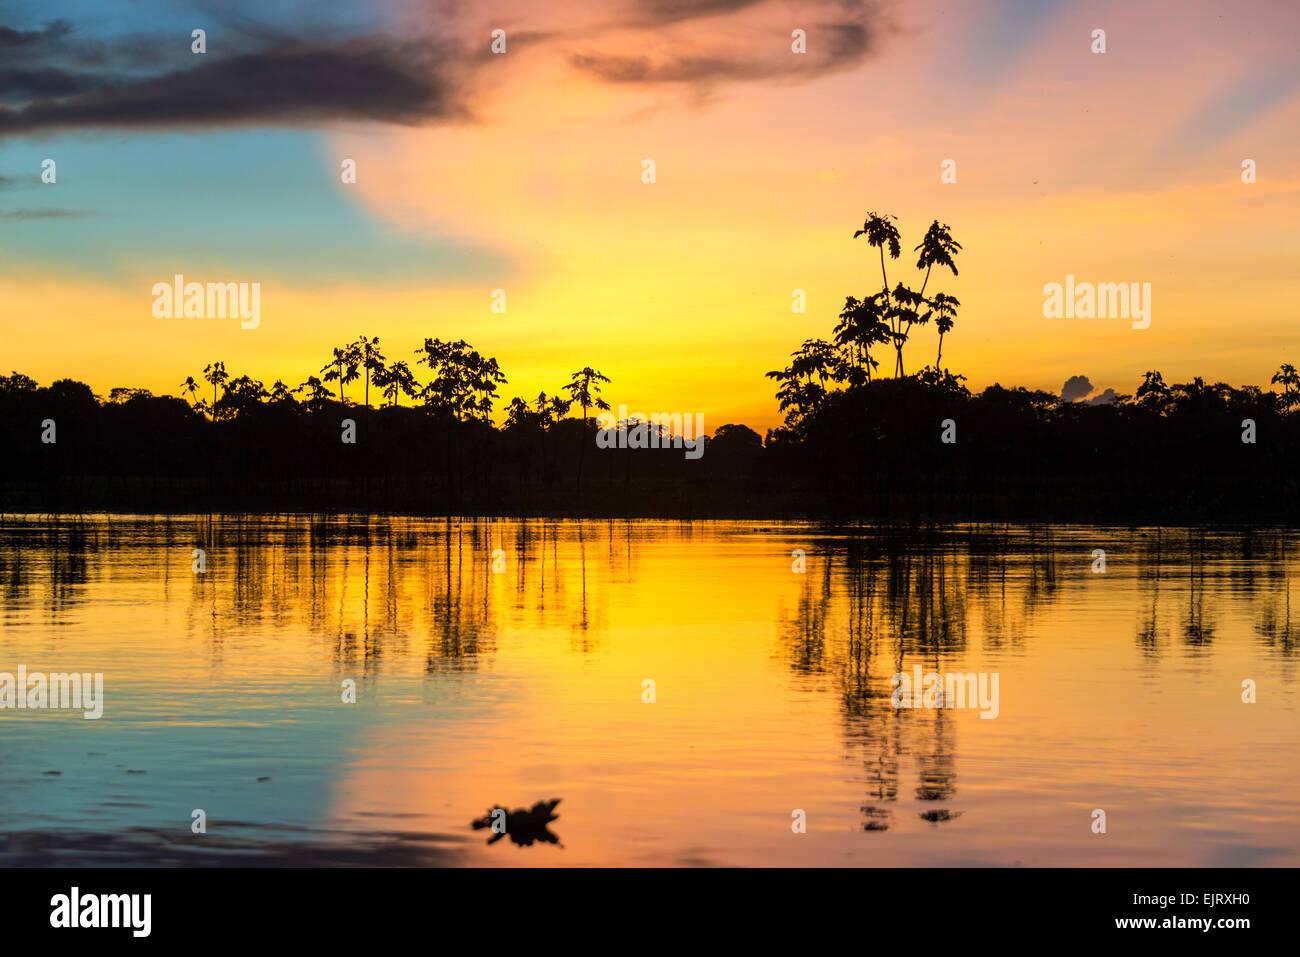 Farbenfrohen Sonnenuntergang tief im Regenwald Amazonas in Peru Stockfoto